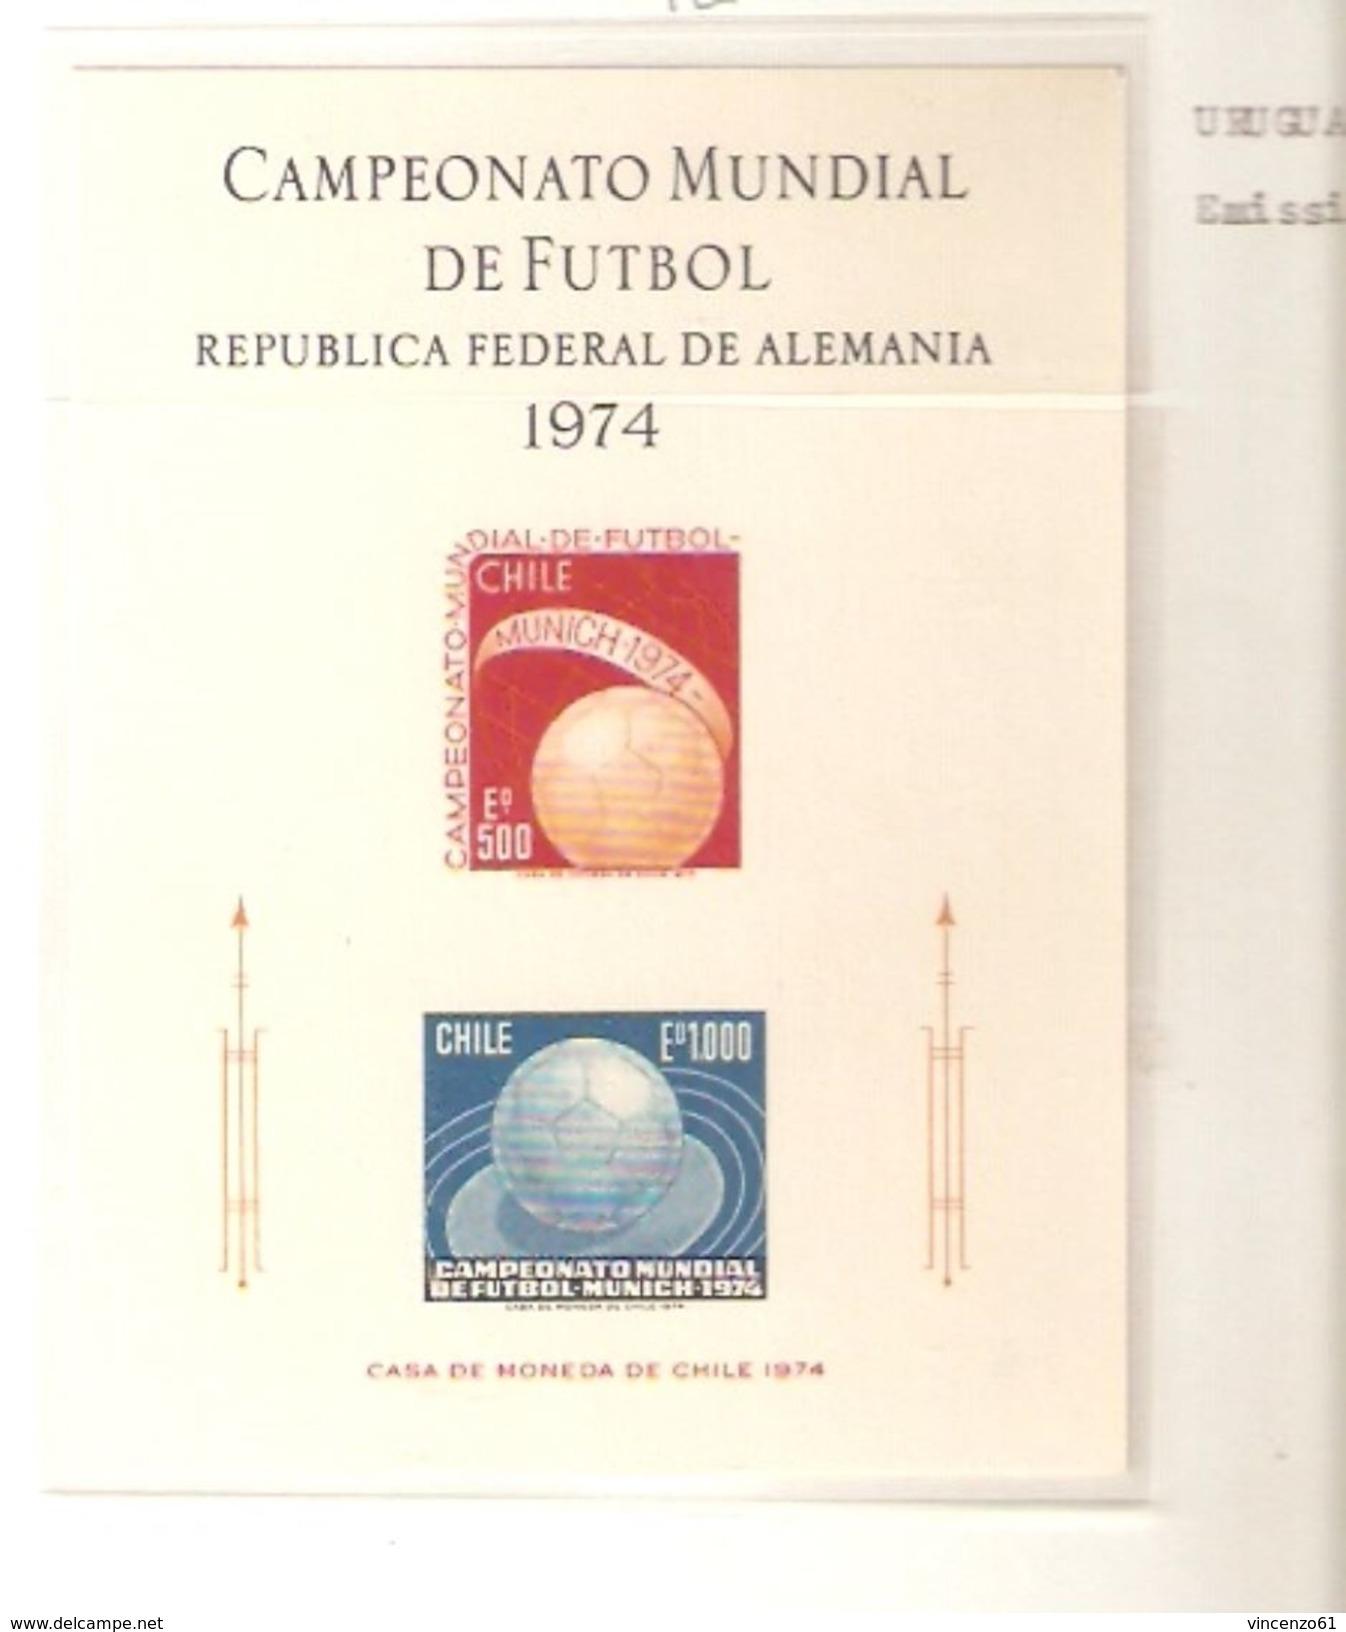 CILE  FIFA WORLD CUP 1974 GERMANY 1974 - Coppa Del Mondo